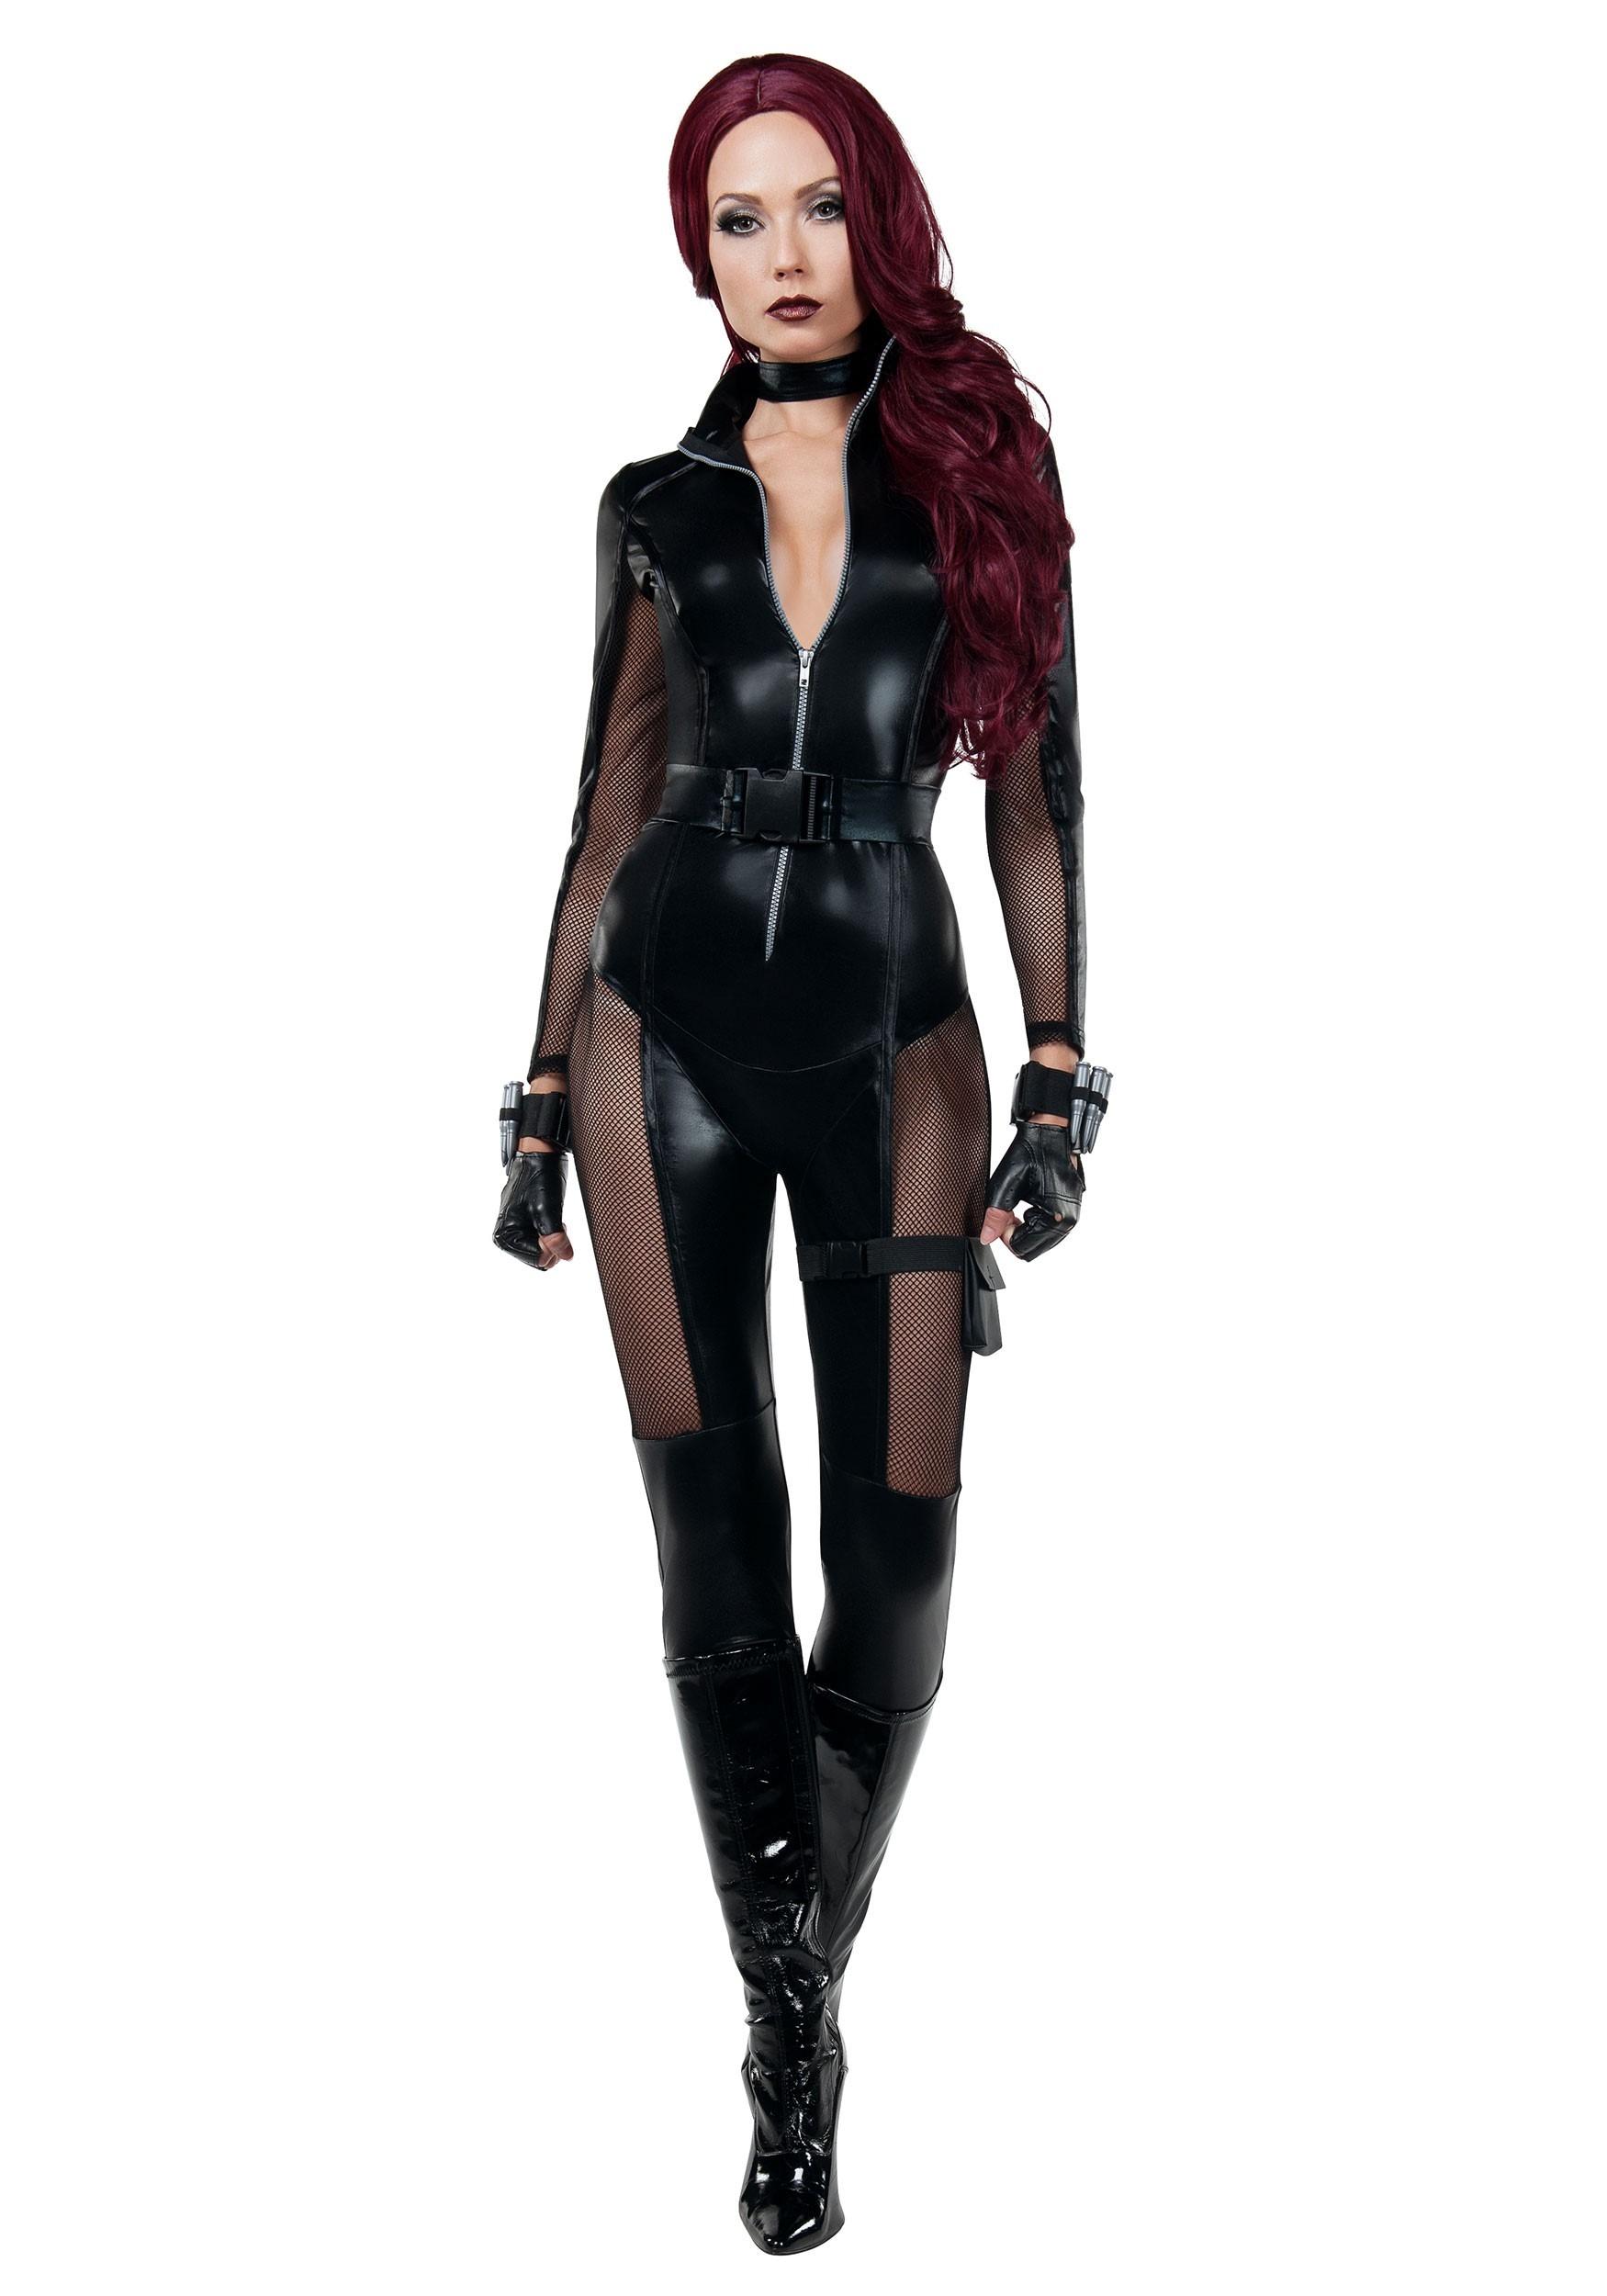 Avenging Assassin Costume for Women